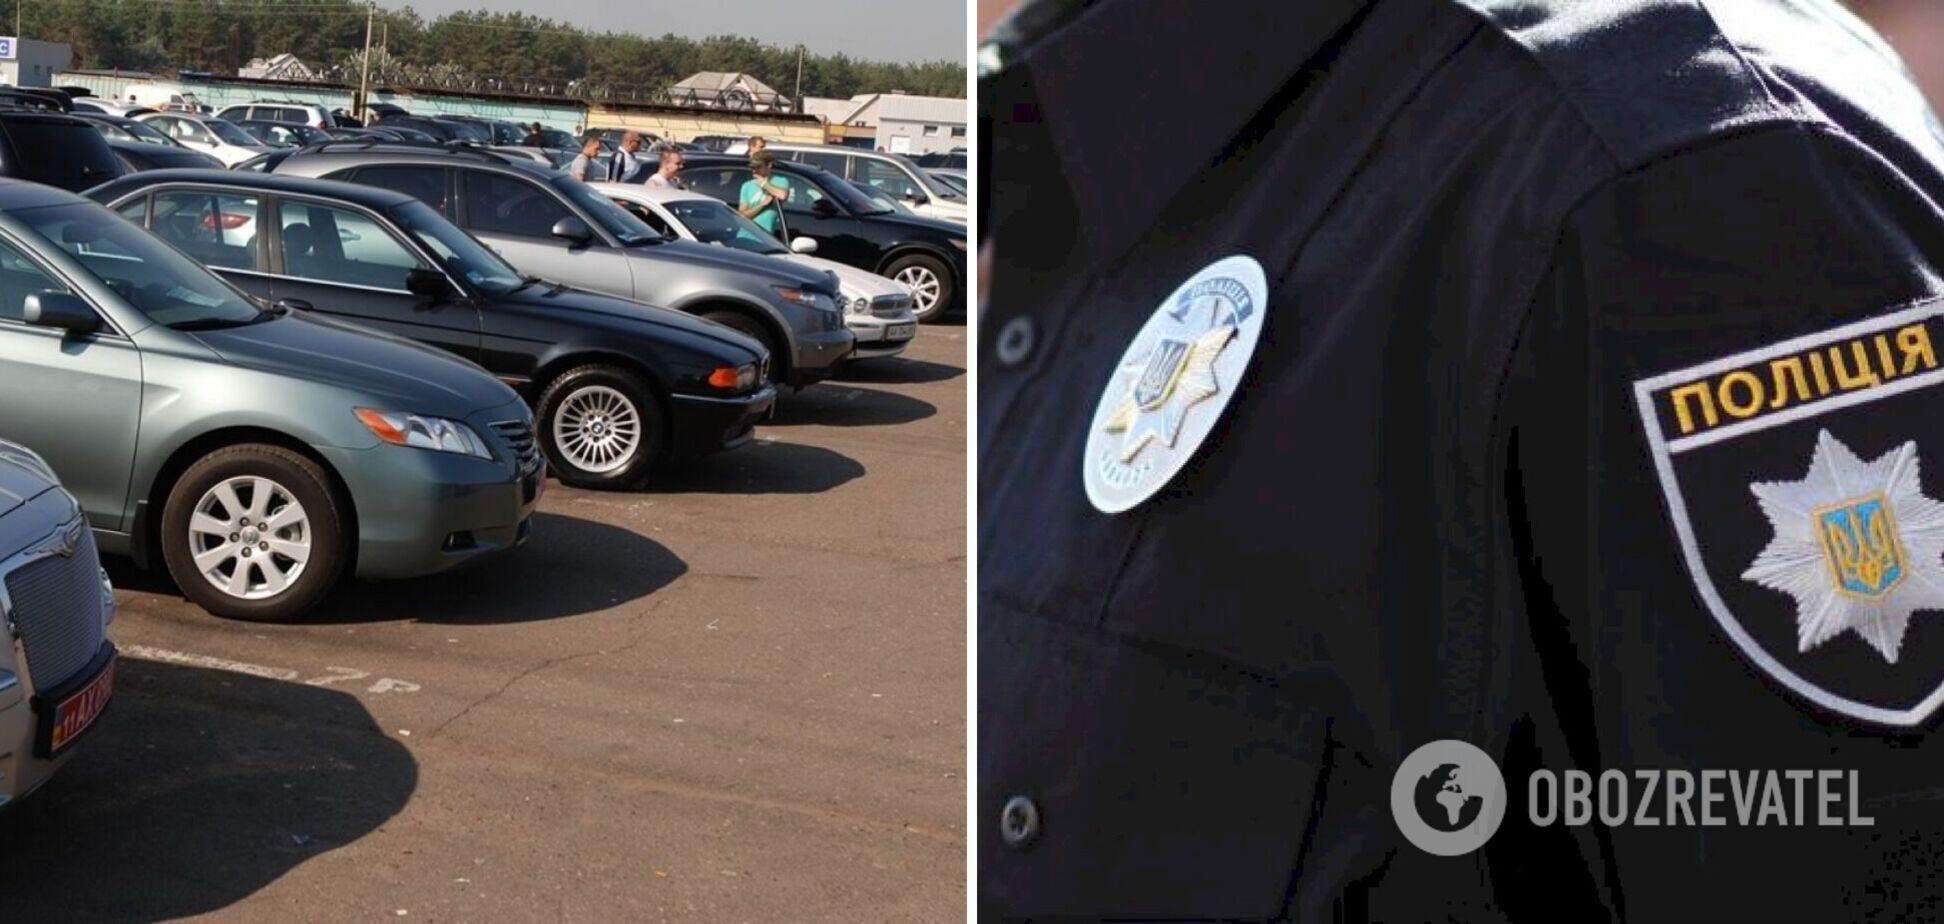 В Виннице разоблачили мужчину, который организовал аферу по присвоению чужих авто. Видео